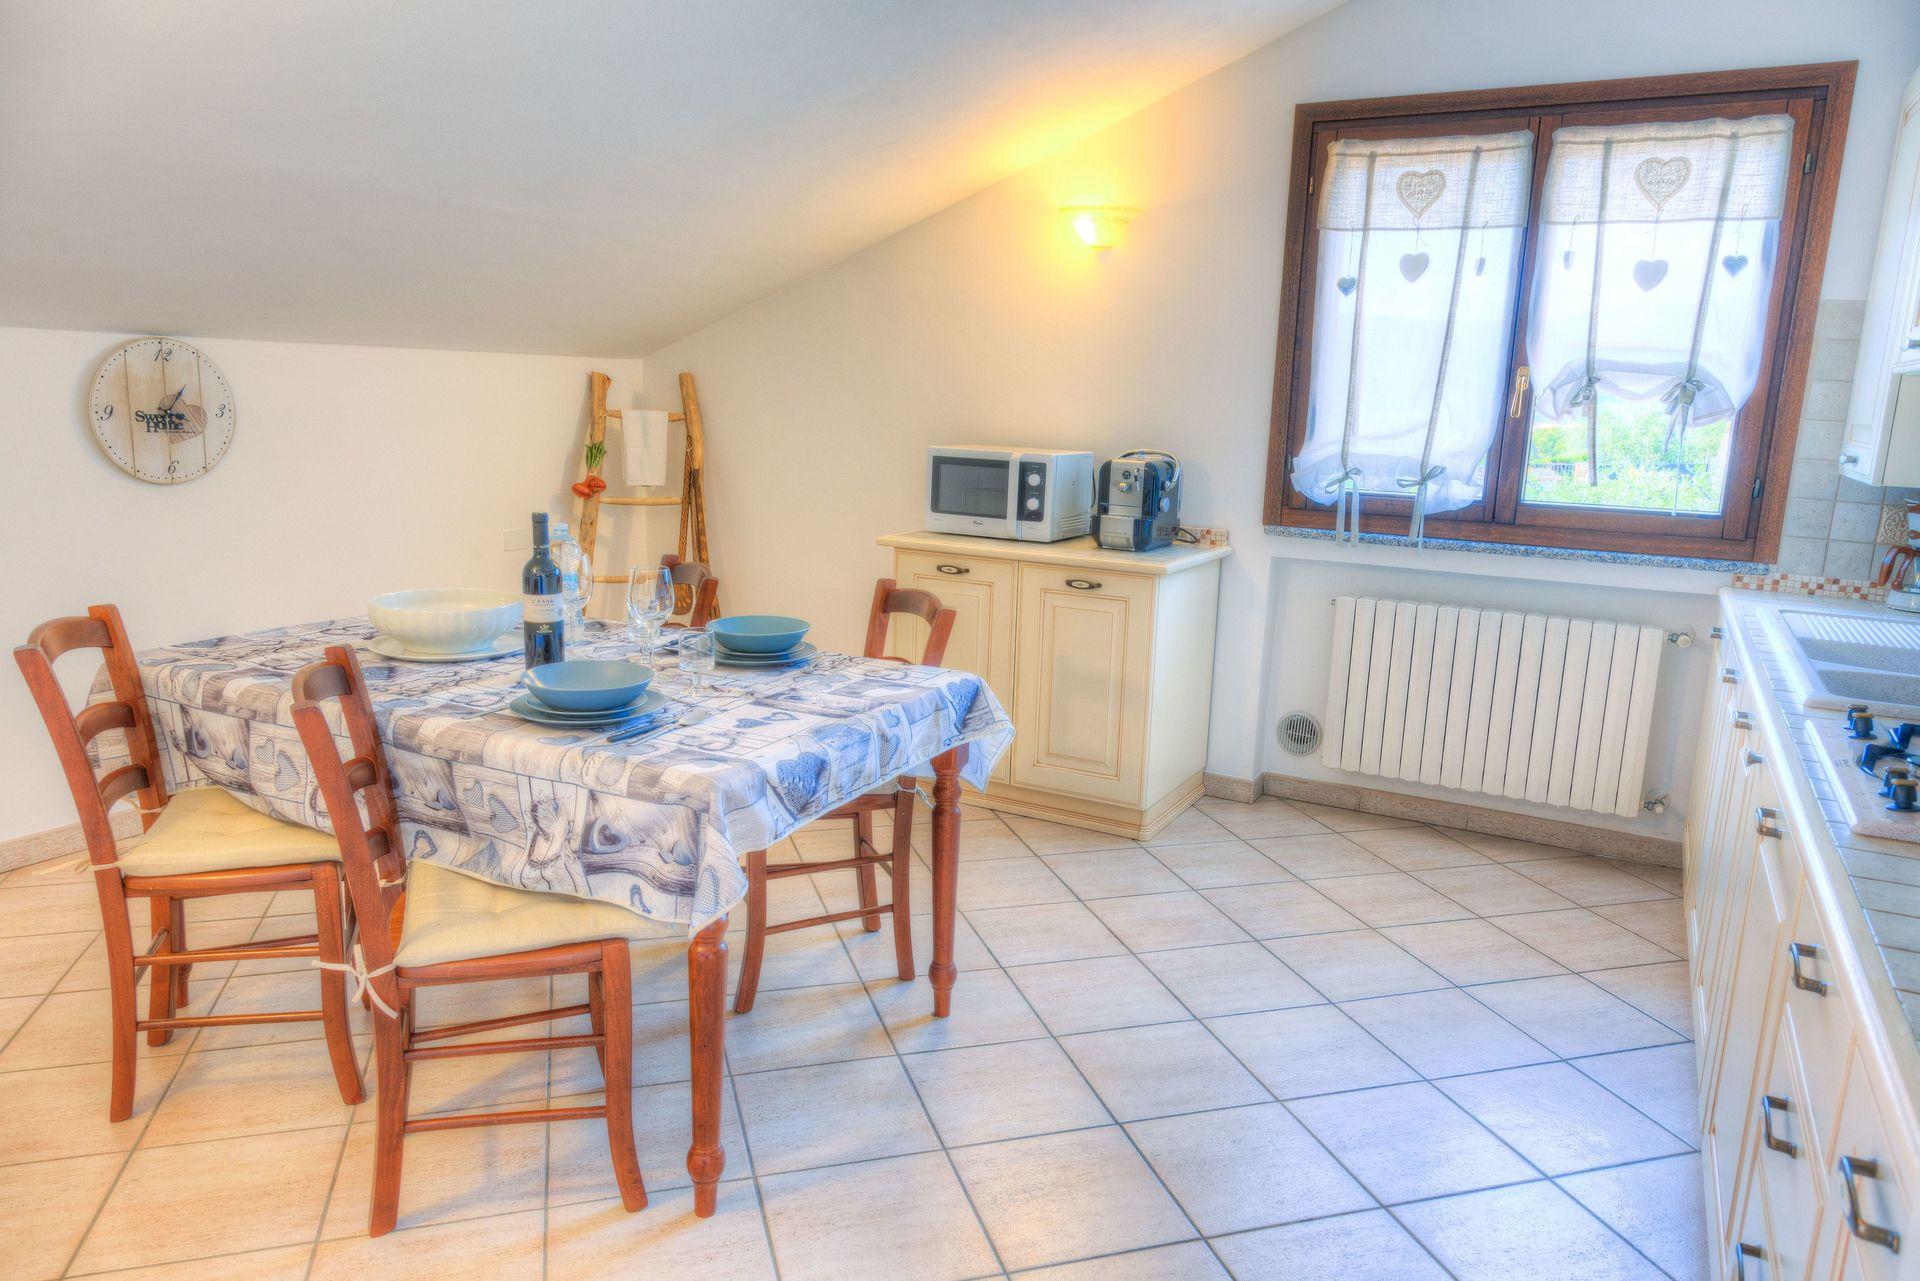 The Attic Innenräume   Ferienhaus für 200 Personen mit 20 ...